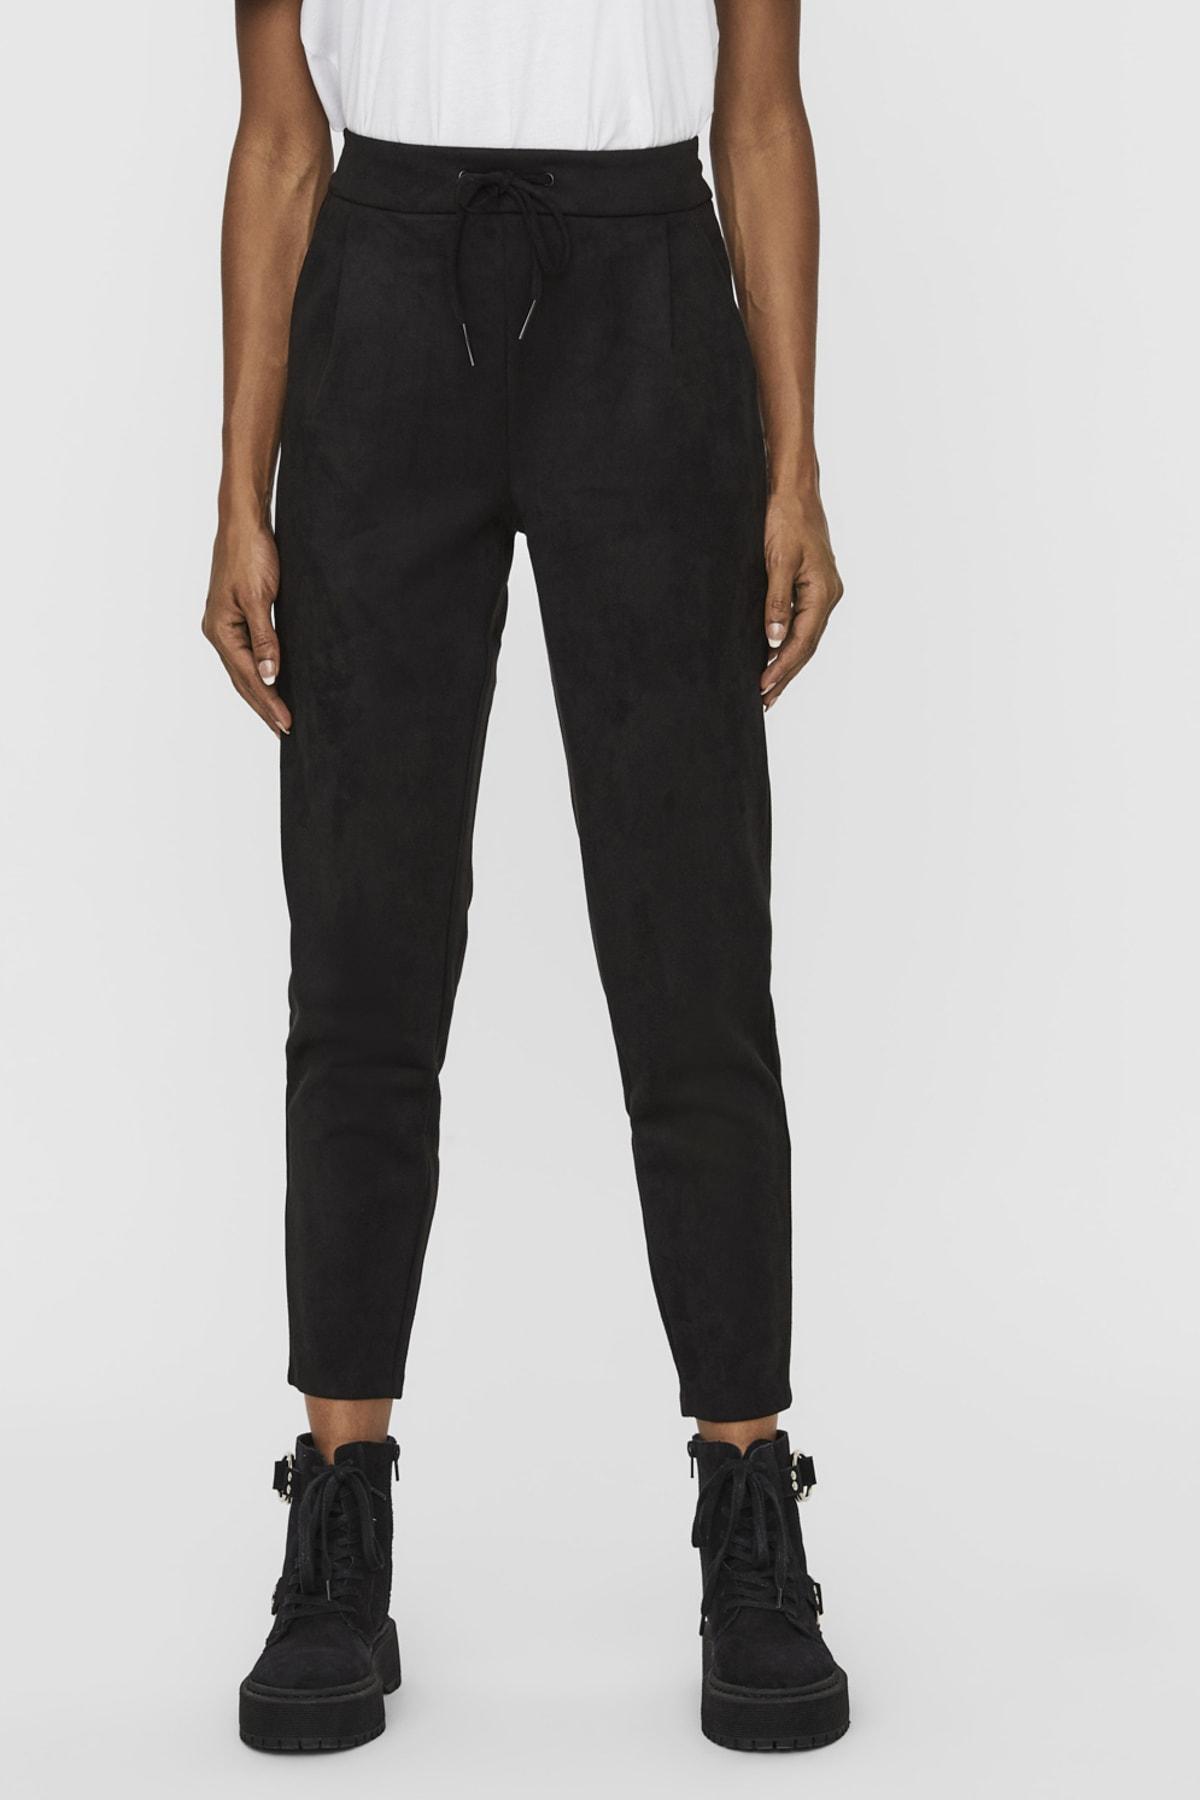 Vero Moda Kadın Siyah Süet İpli Pantolon 10225615 VMEVA 2